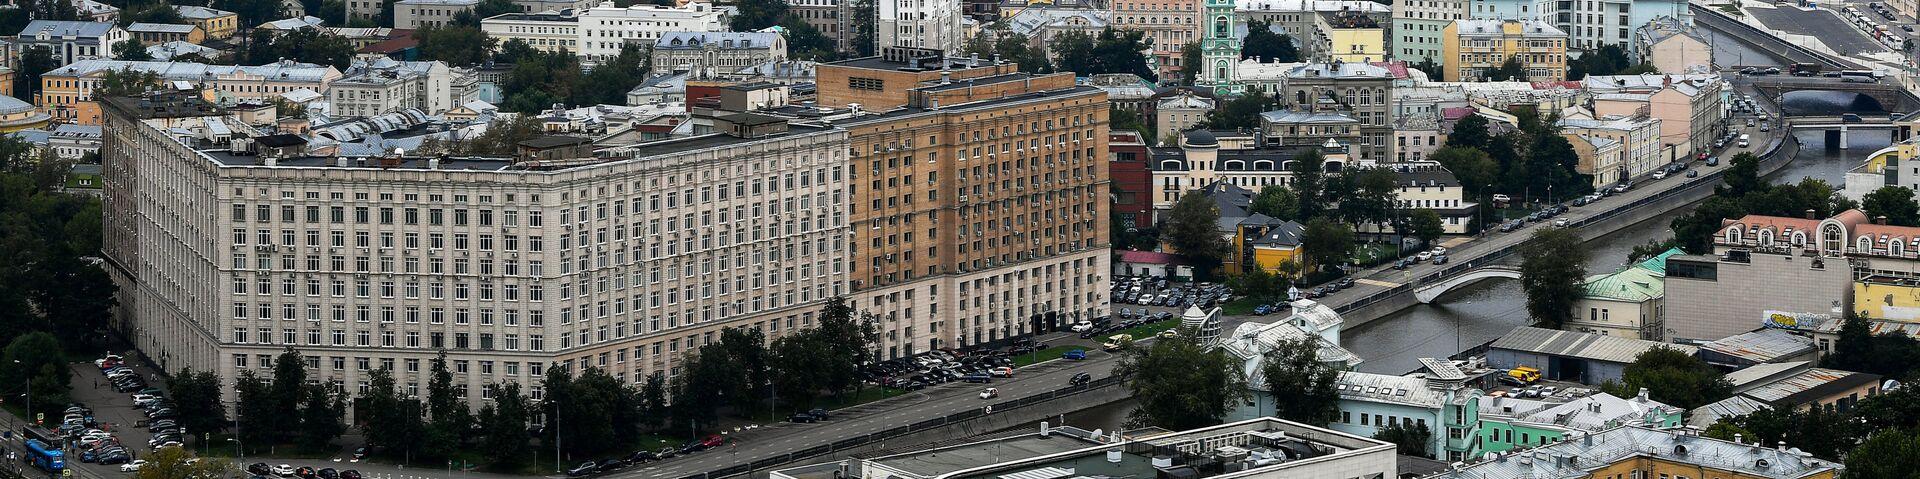 Города России. Москва - РИА Новости, 1920, 06.12.2018